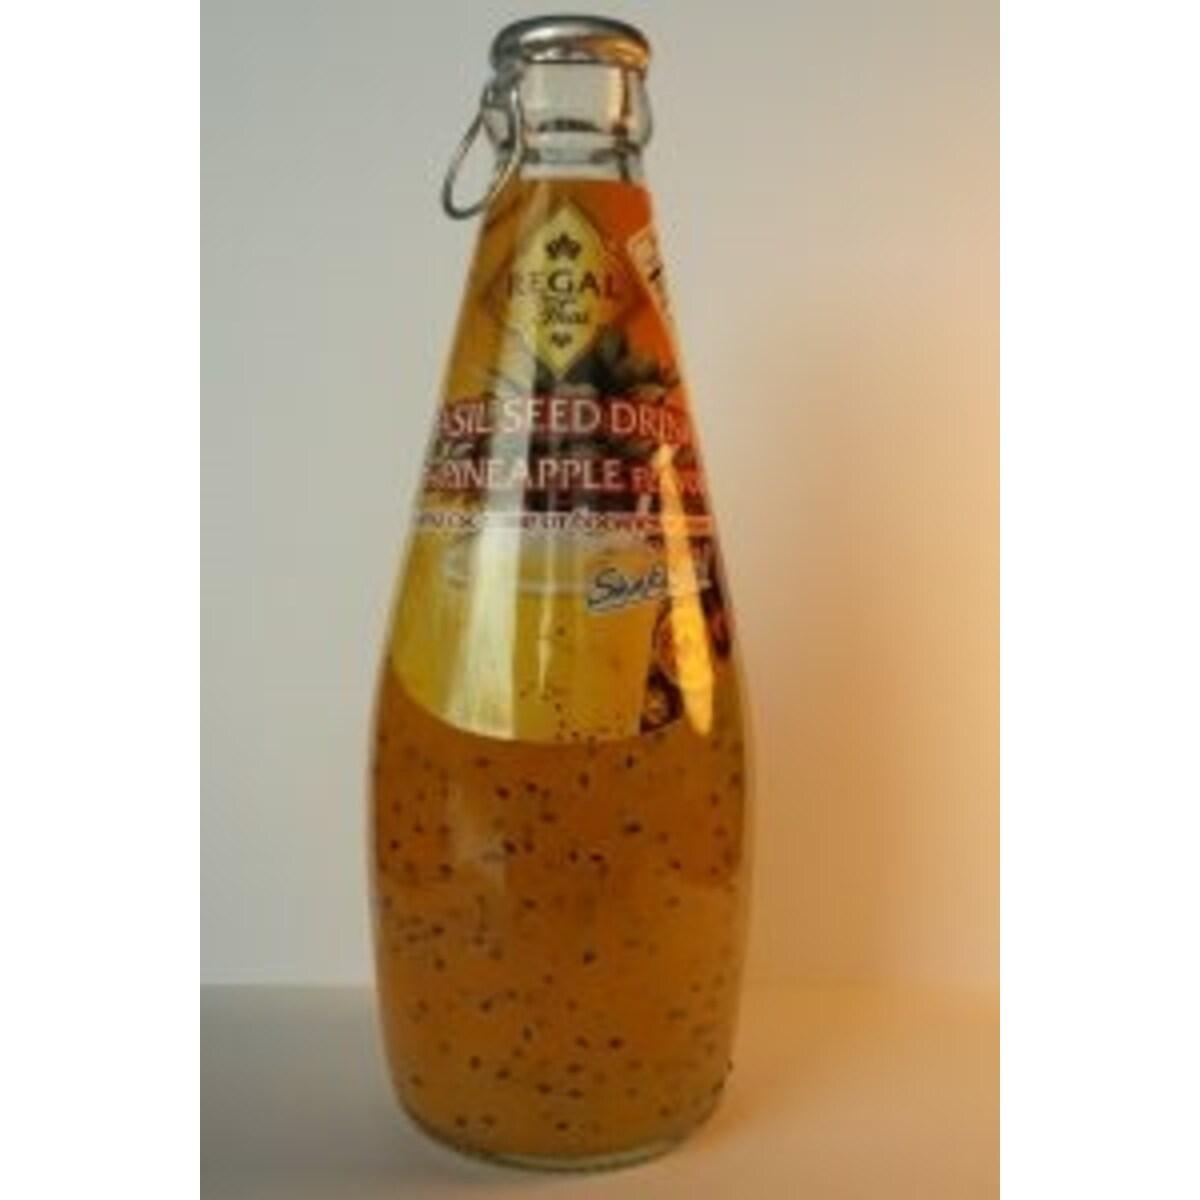 Regal Thai напитка със семе от босилек и ананас 290мл